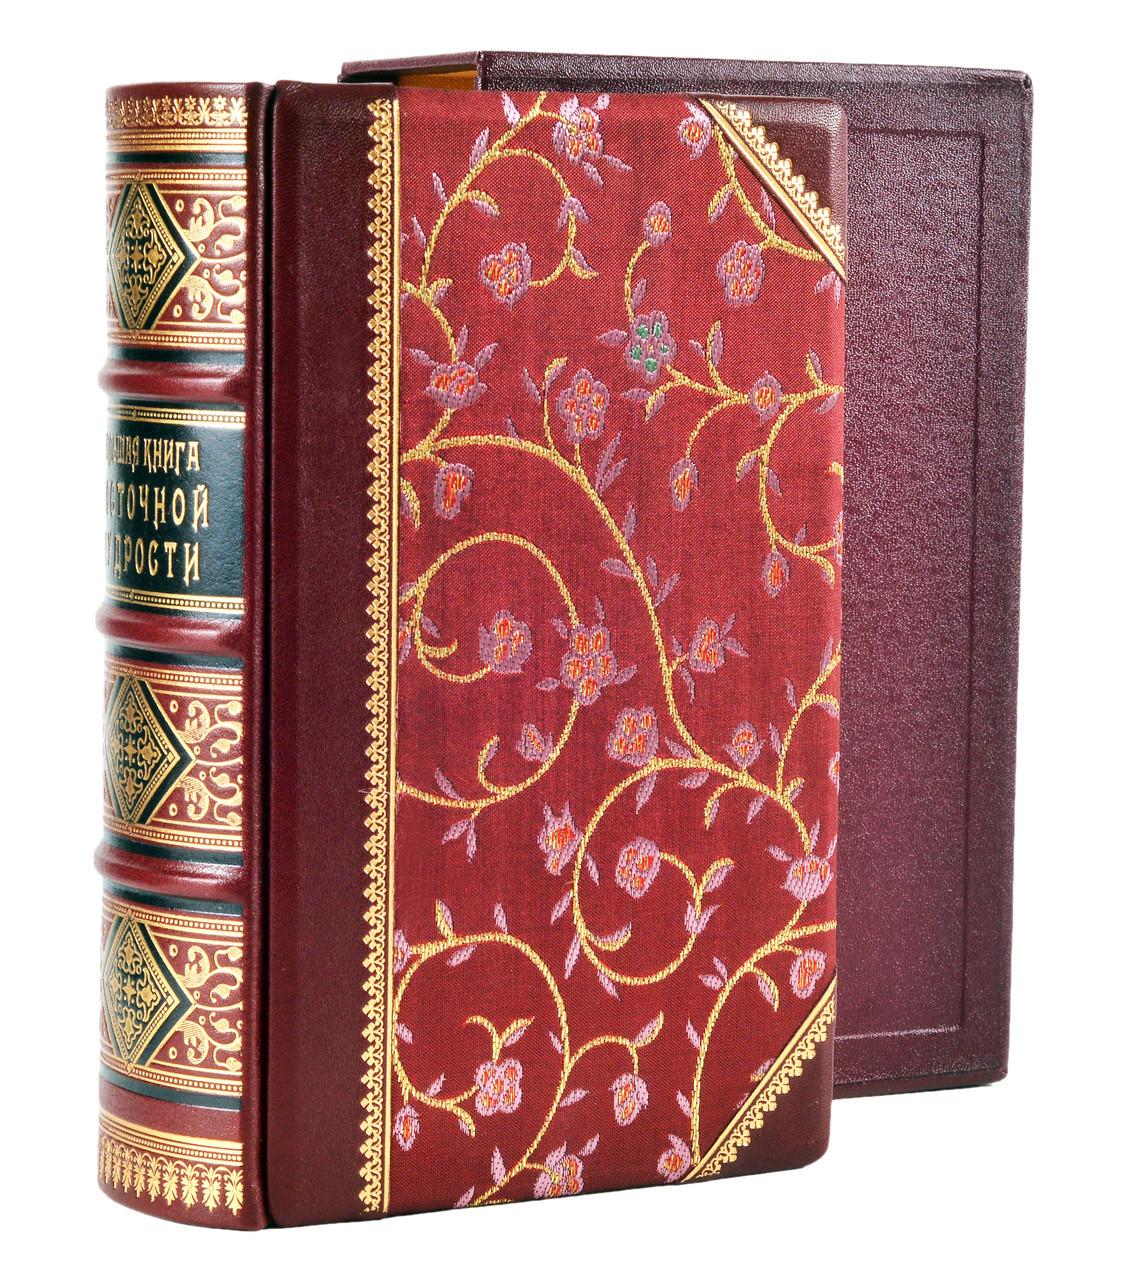 """""""Велика книга східної мудрості"""" А. Сєров подарункове видання в шкіряній палітурці і шкіряному футлярі"""